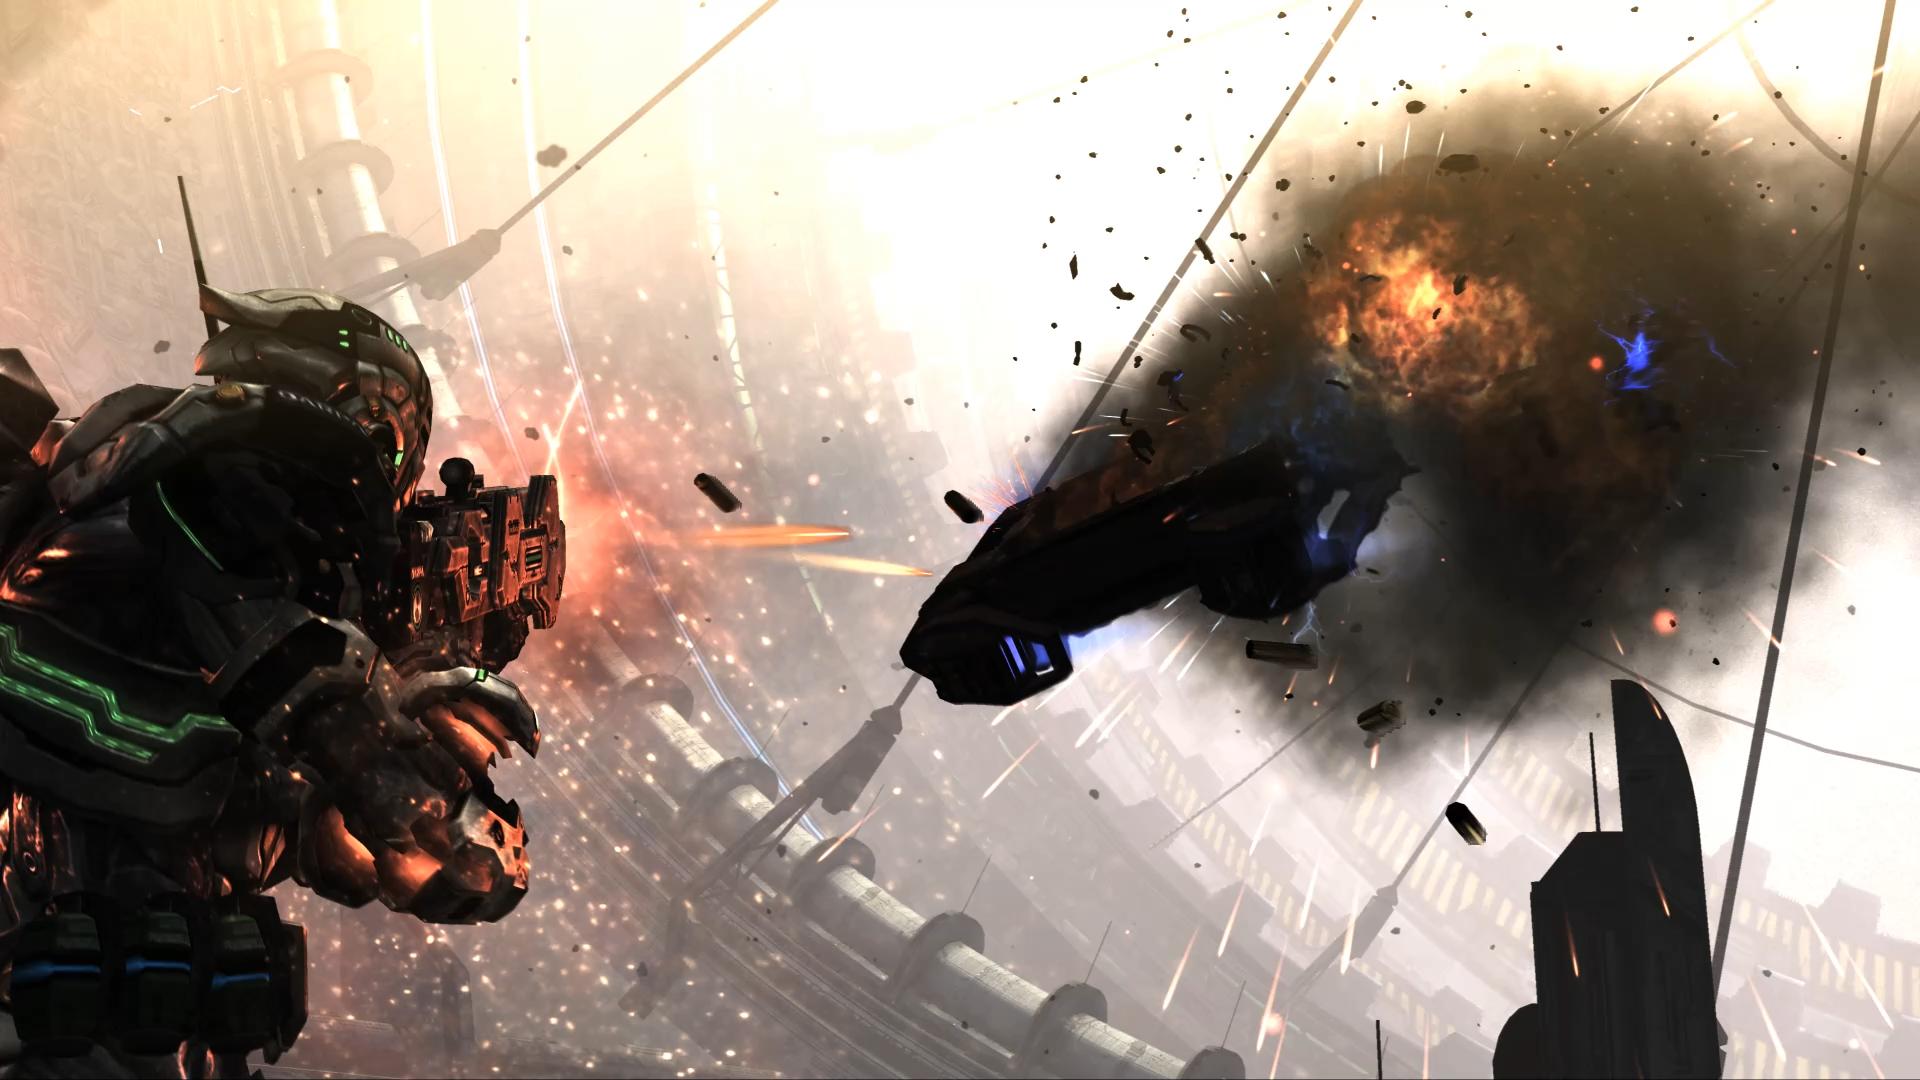 16_Combat_killshot